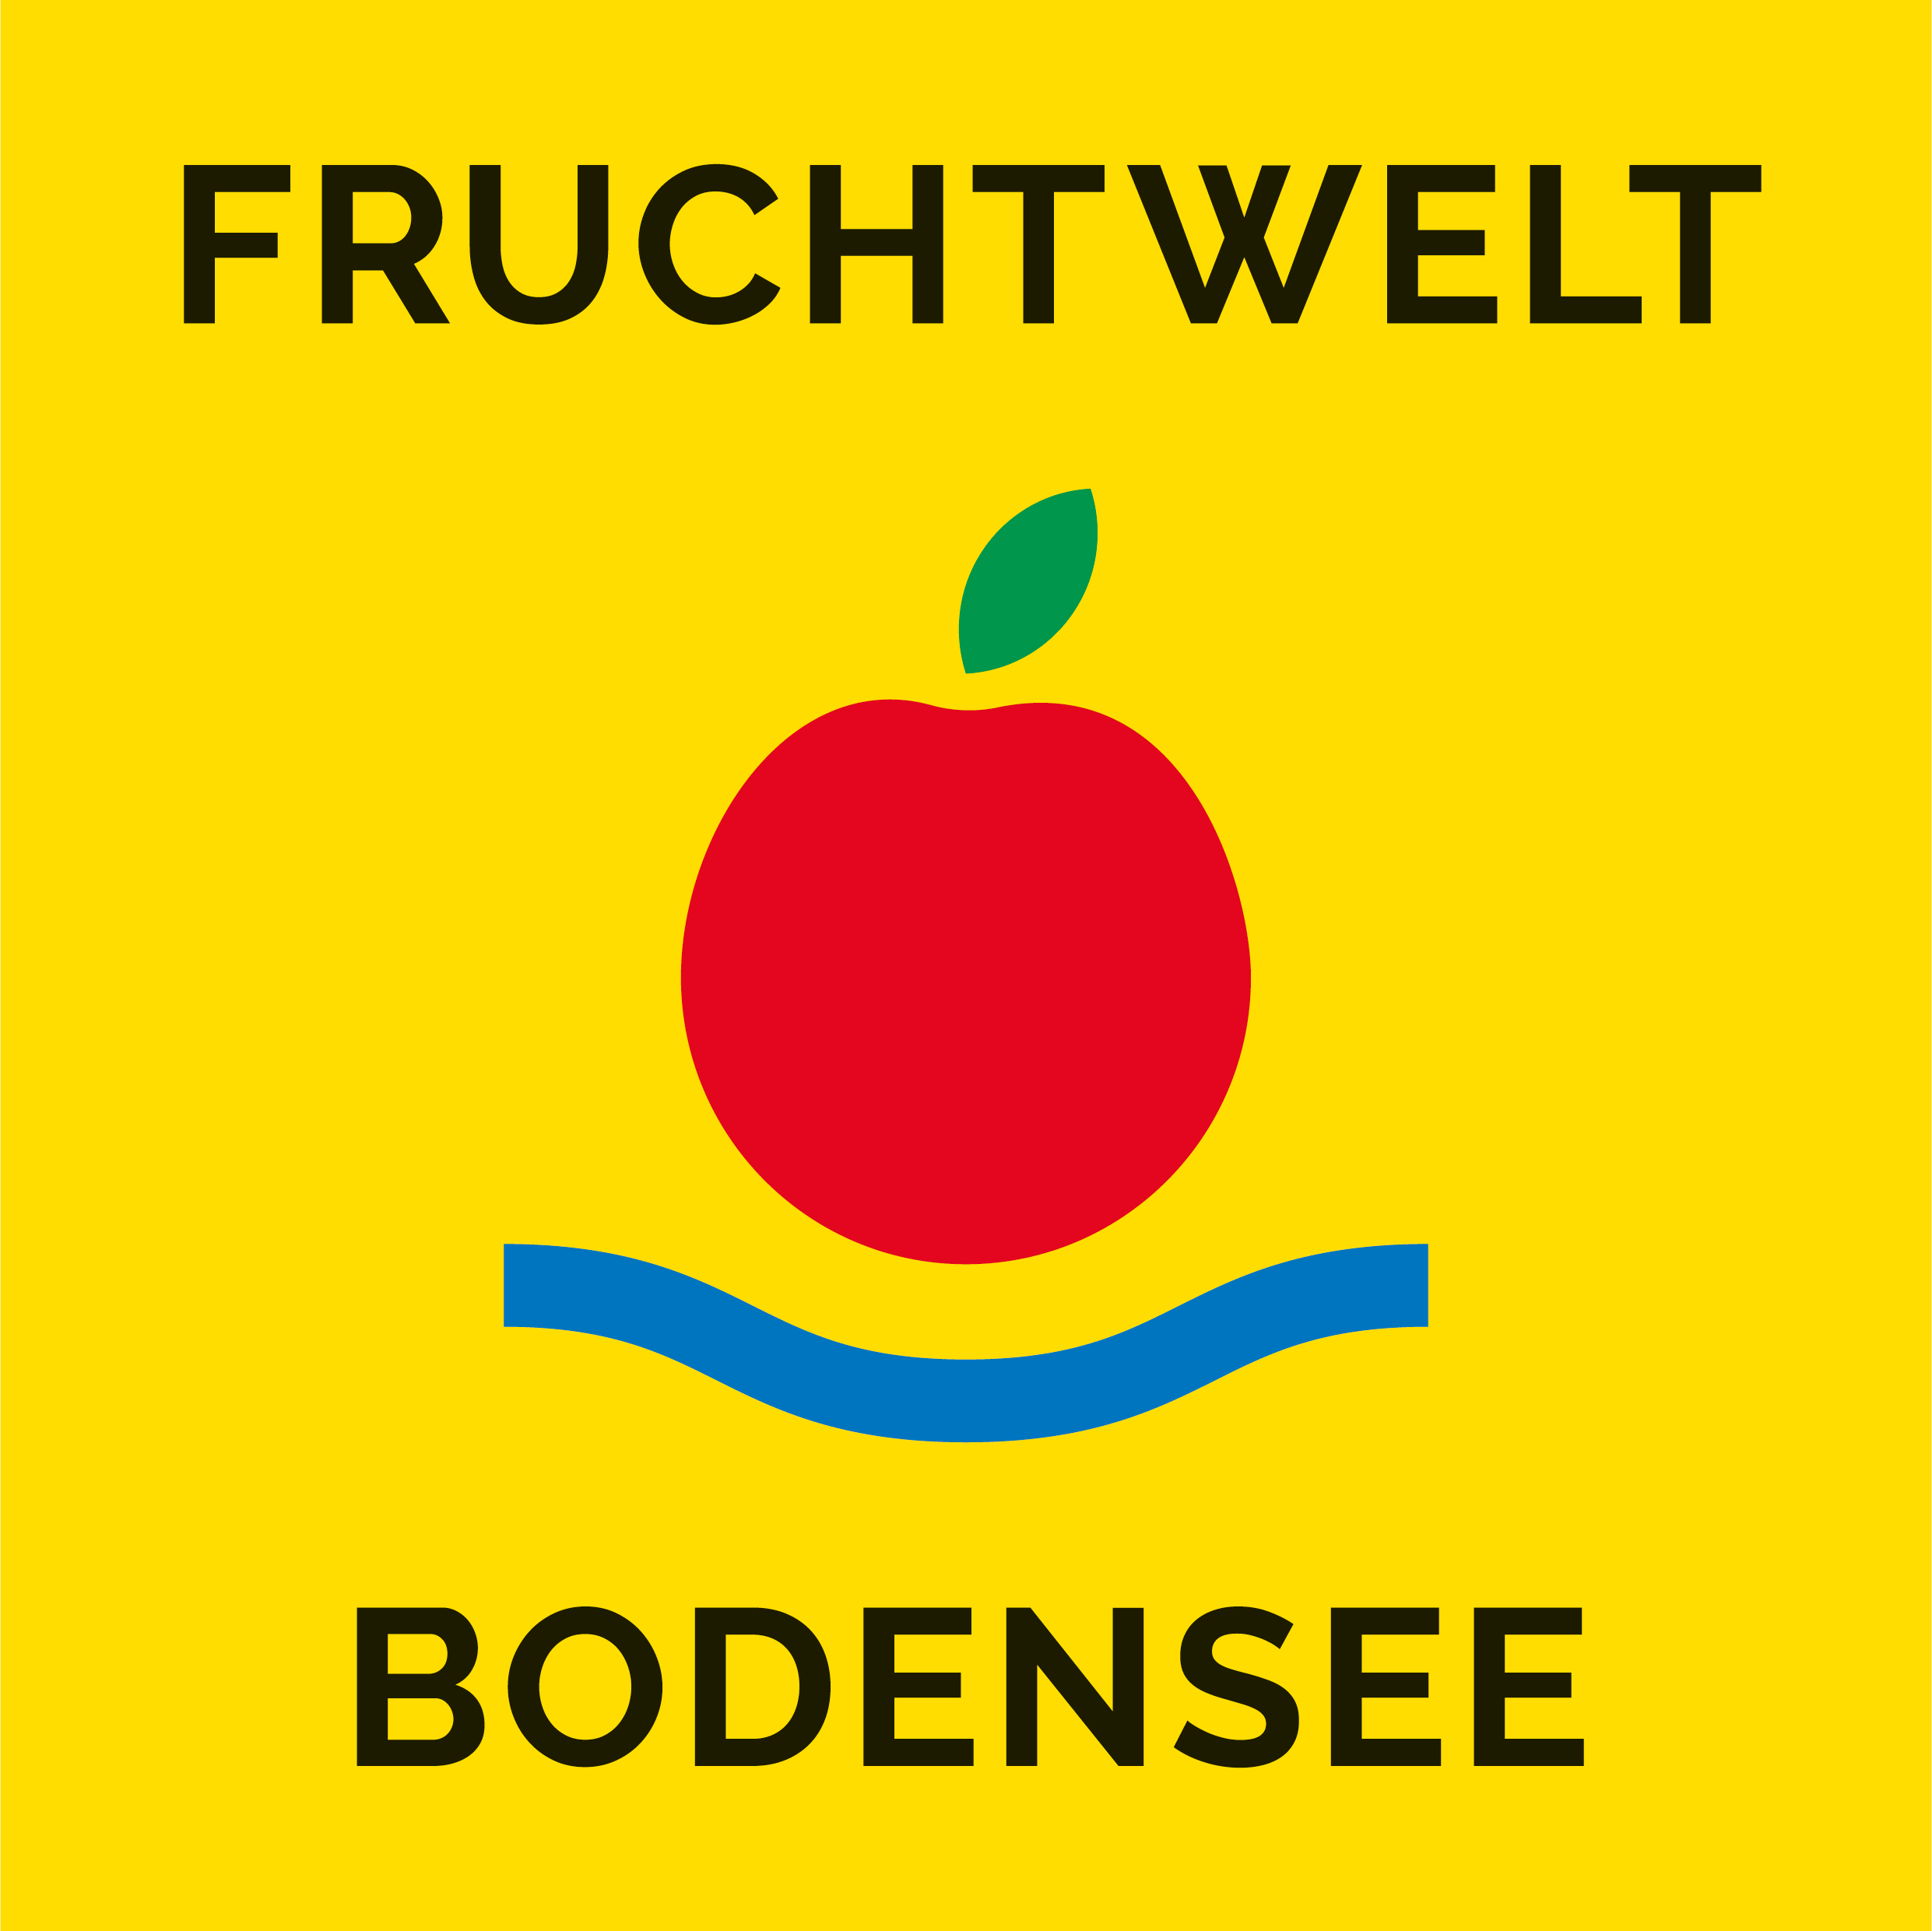 FRUCHTWELT BODENSEE 2020